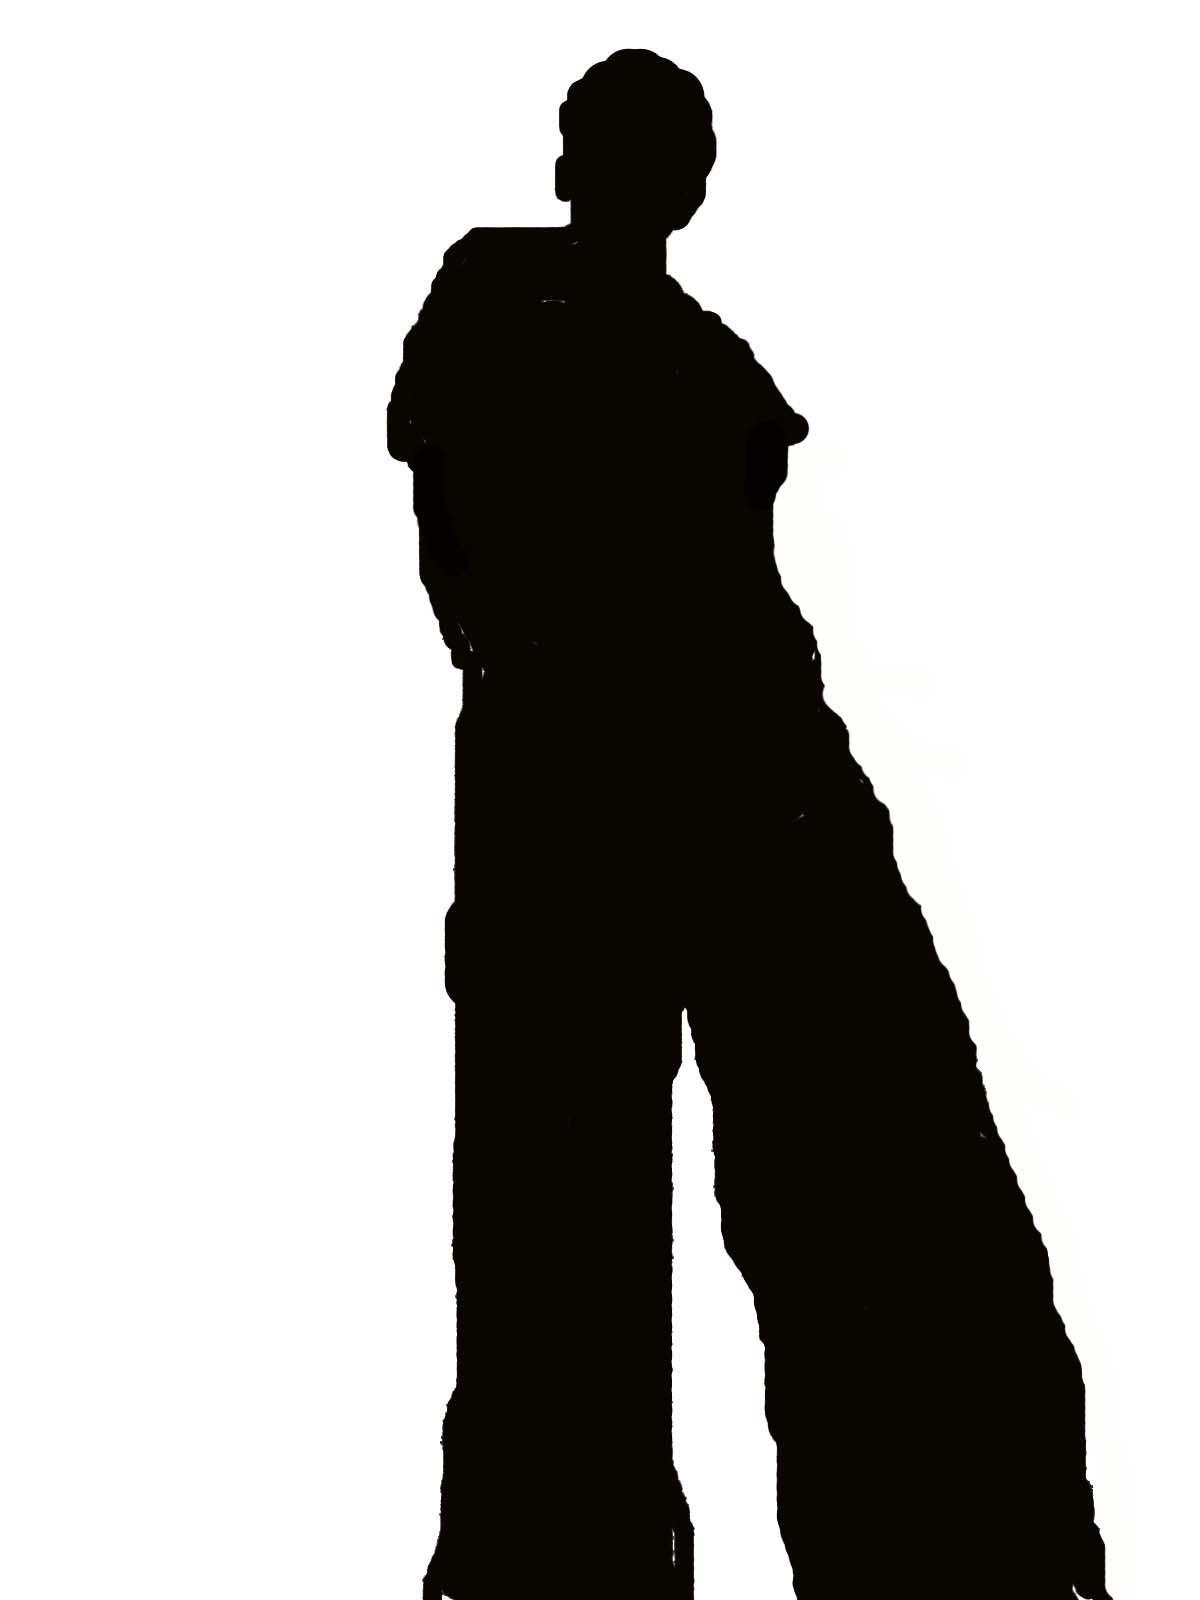 Shadow clipart bad #9